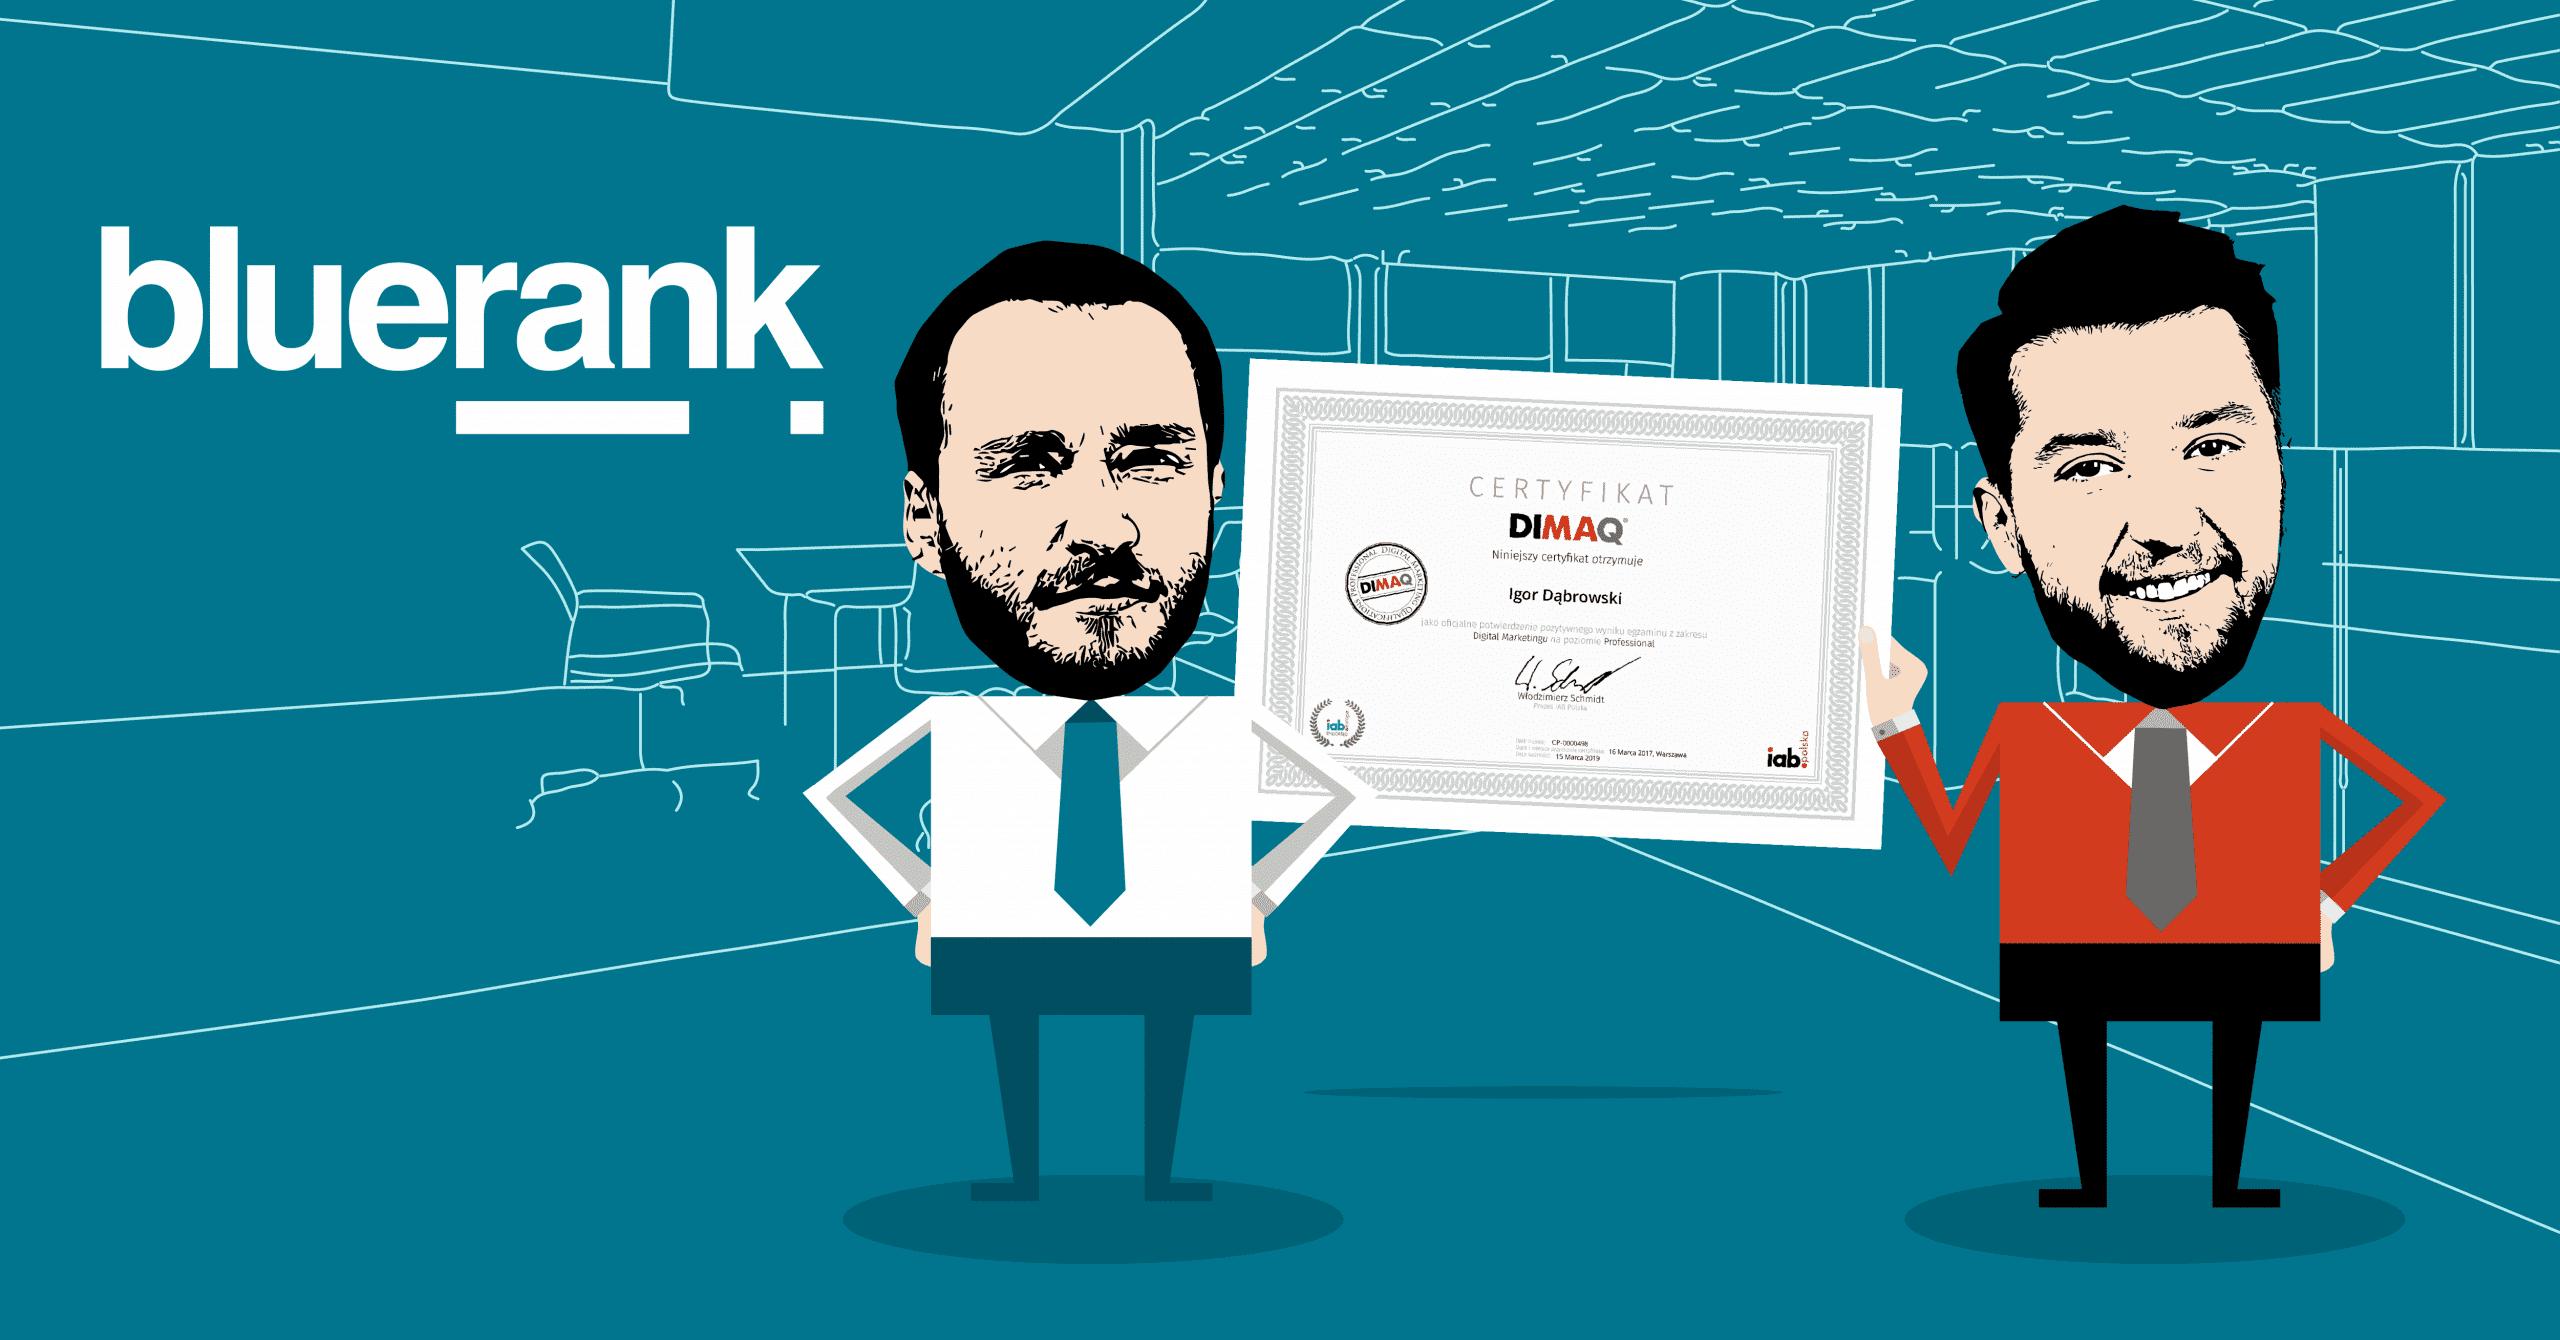 Jak rekrutuje się w branży digital? Case study Bluerank i Igora